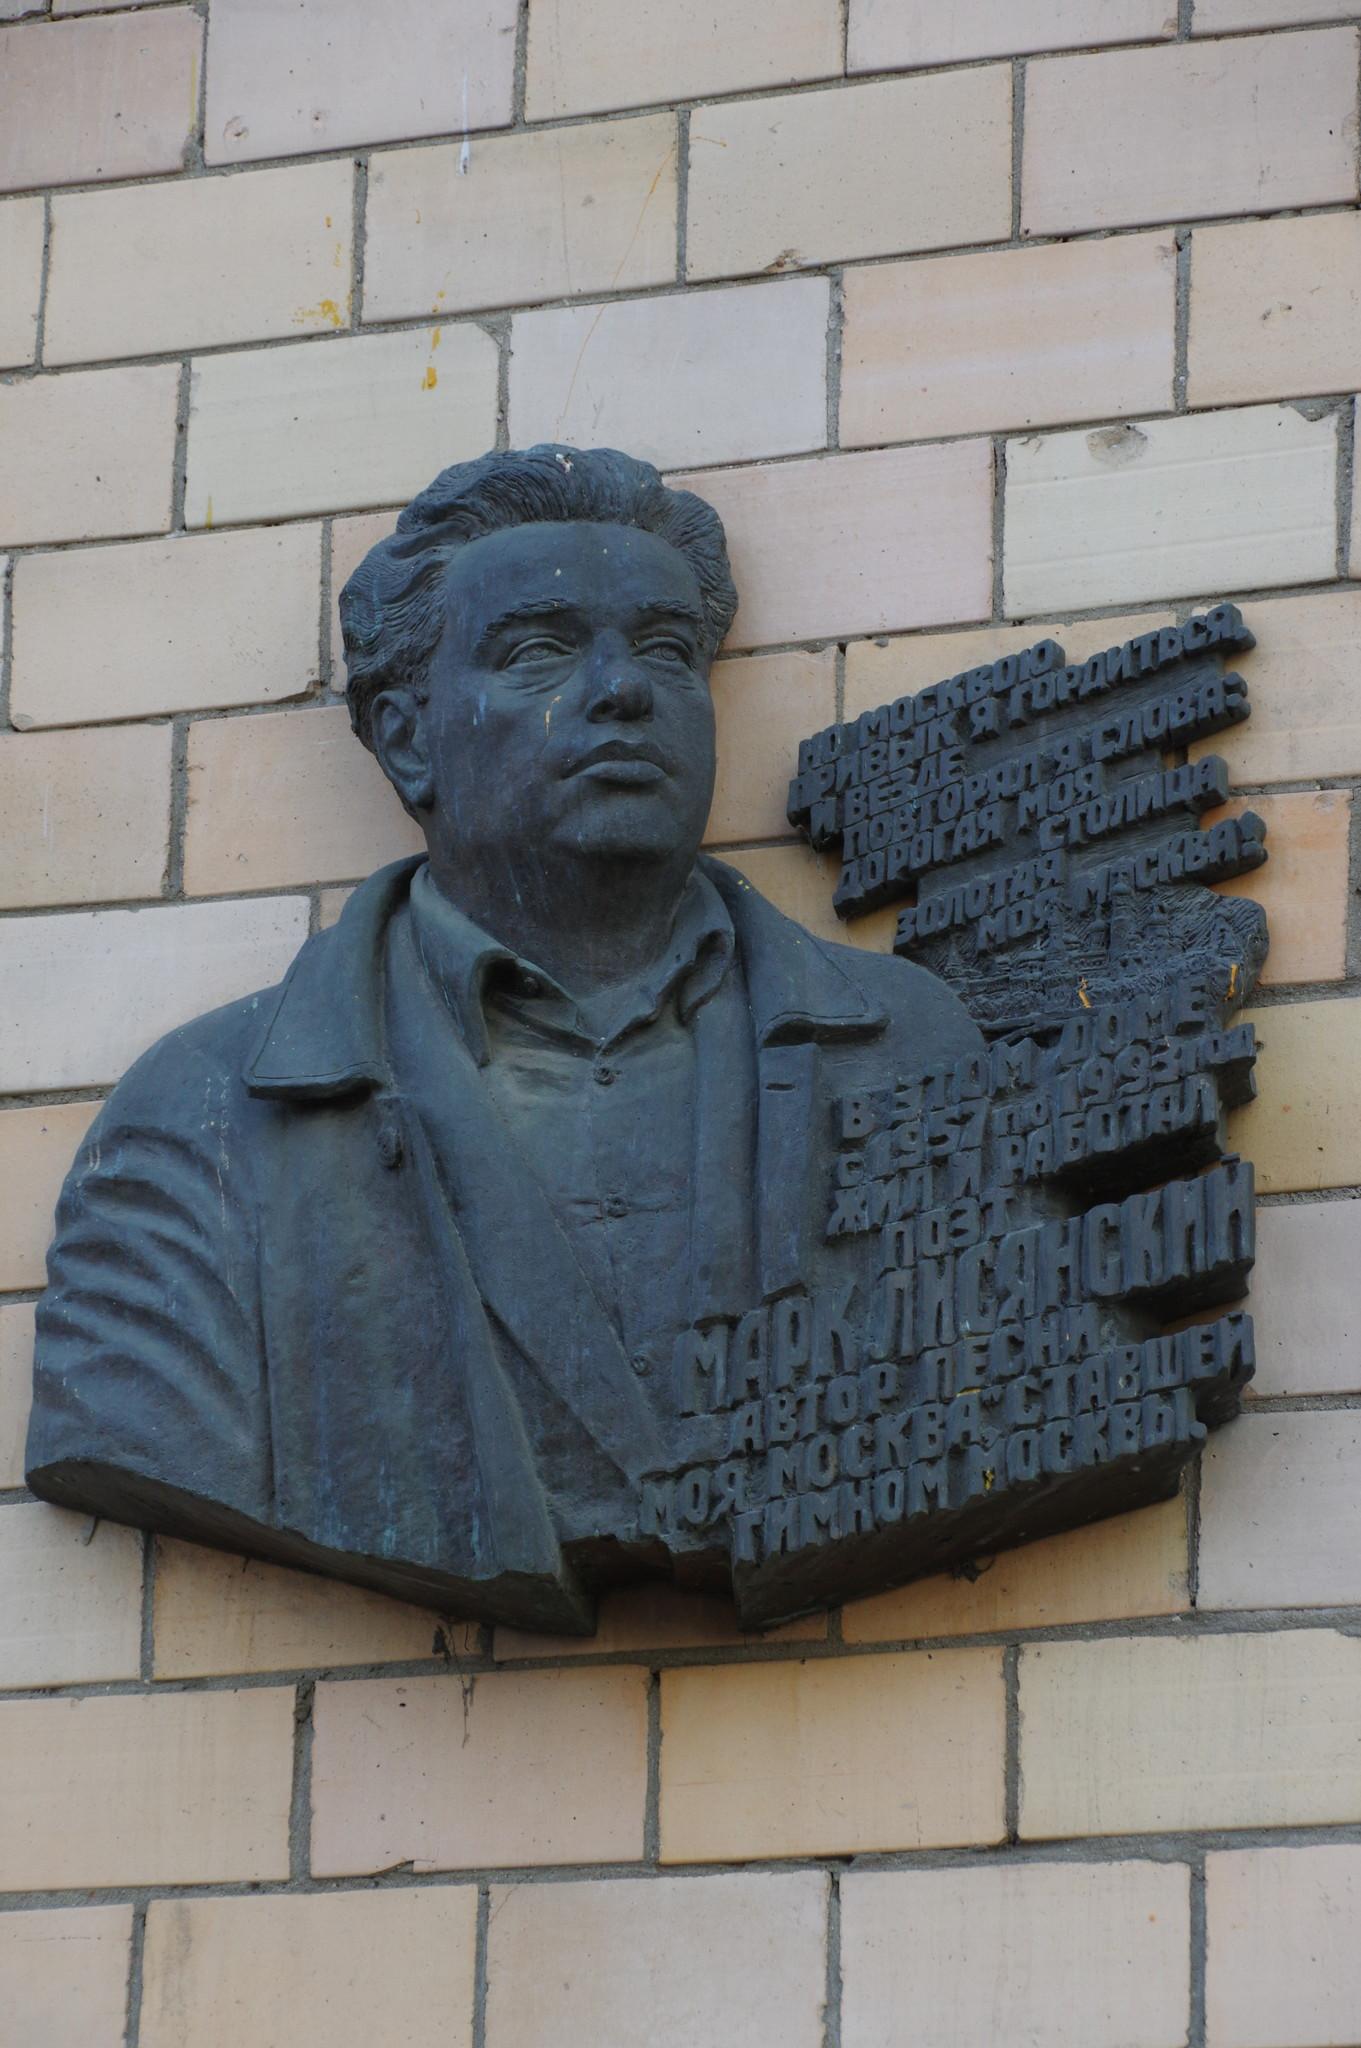 Мемориальная доска на доме, где жил автор гимна Москвы «Моя Москва» Марк Лисянский (улица Черняховского, дом 4)